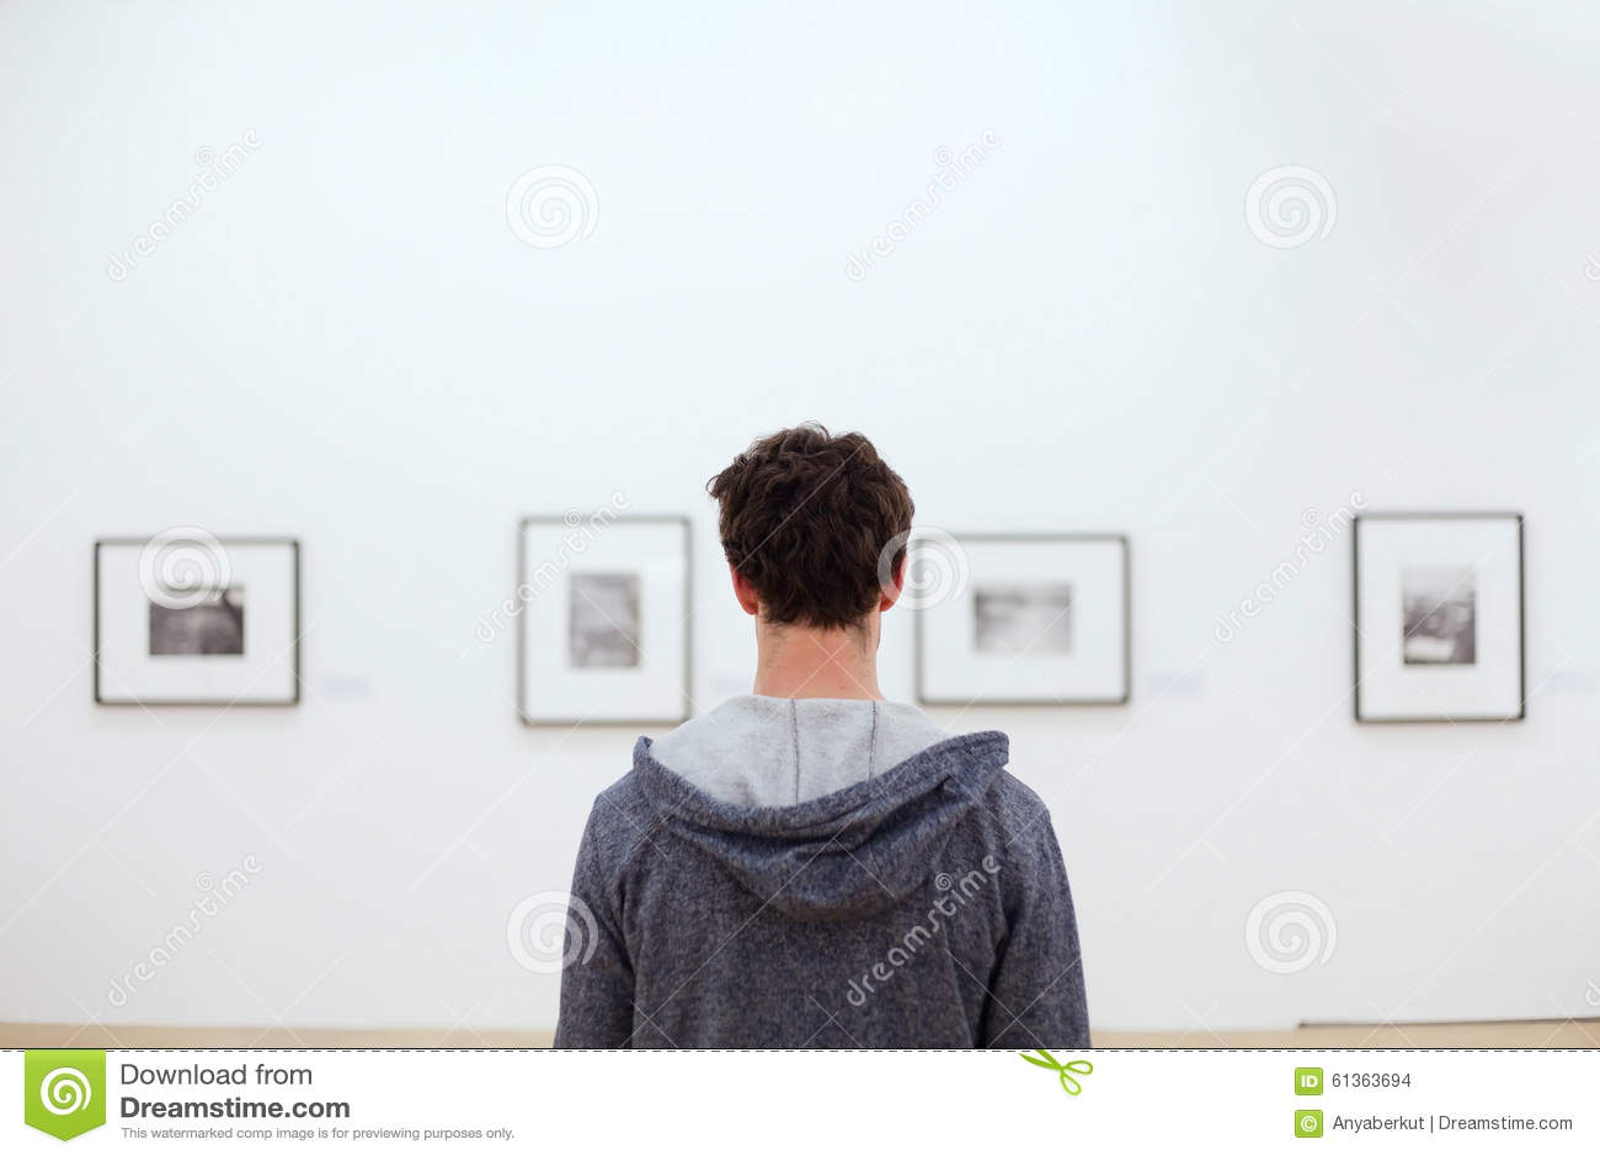 Folk i konstmusem